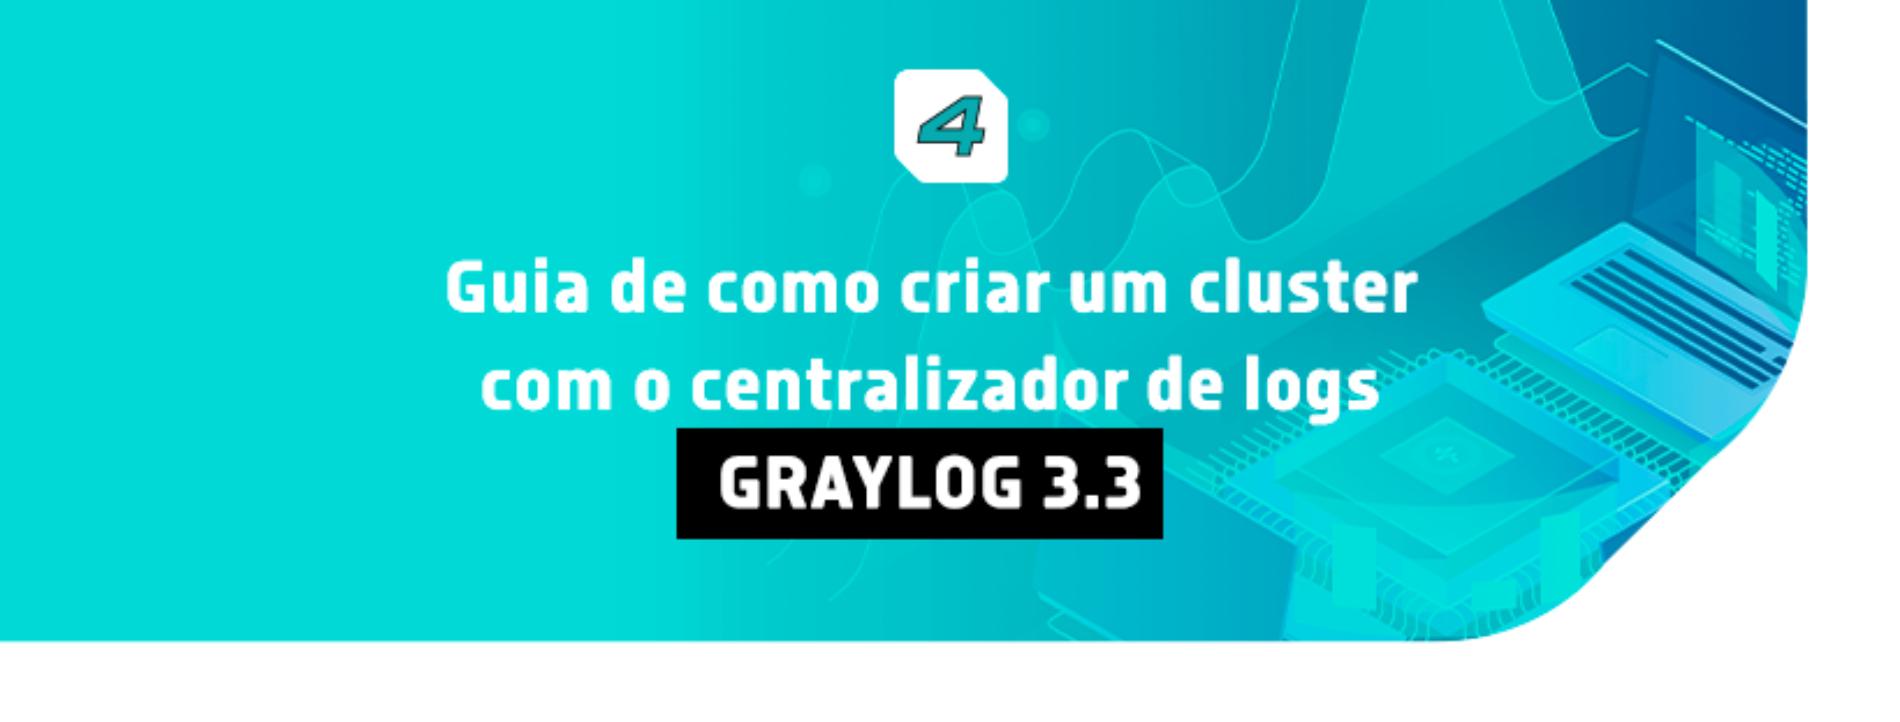 Guia sobre como criar um cluster com o centralizador de logs Graylog 3.3